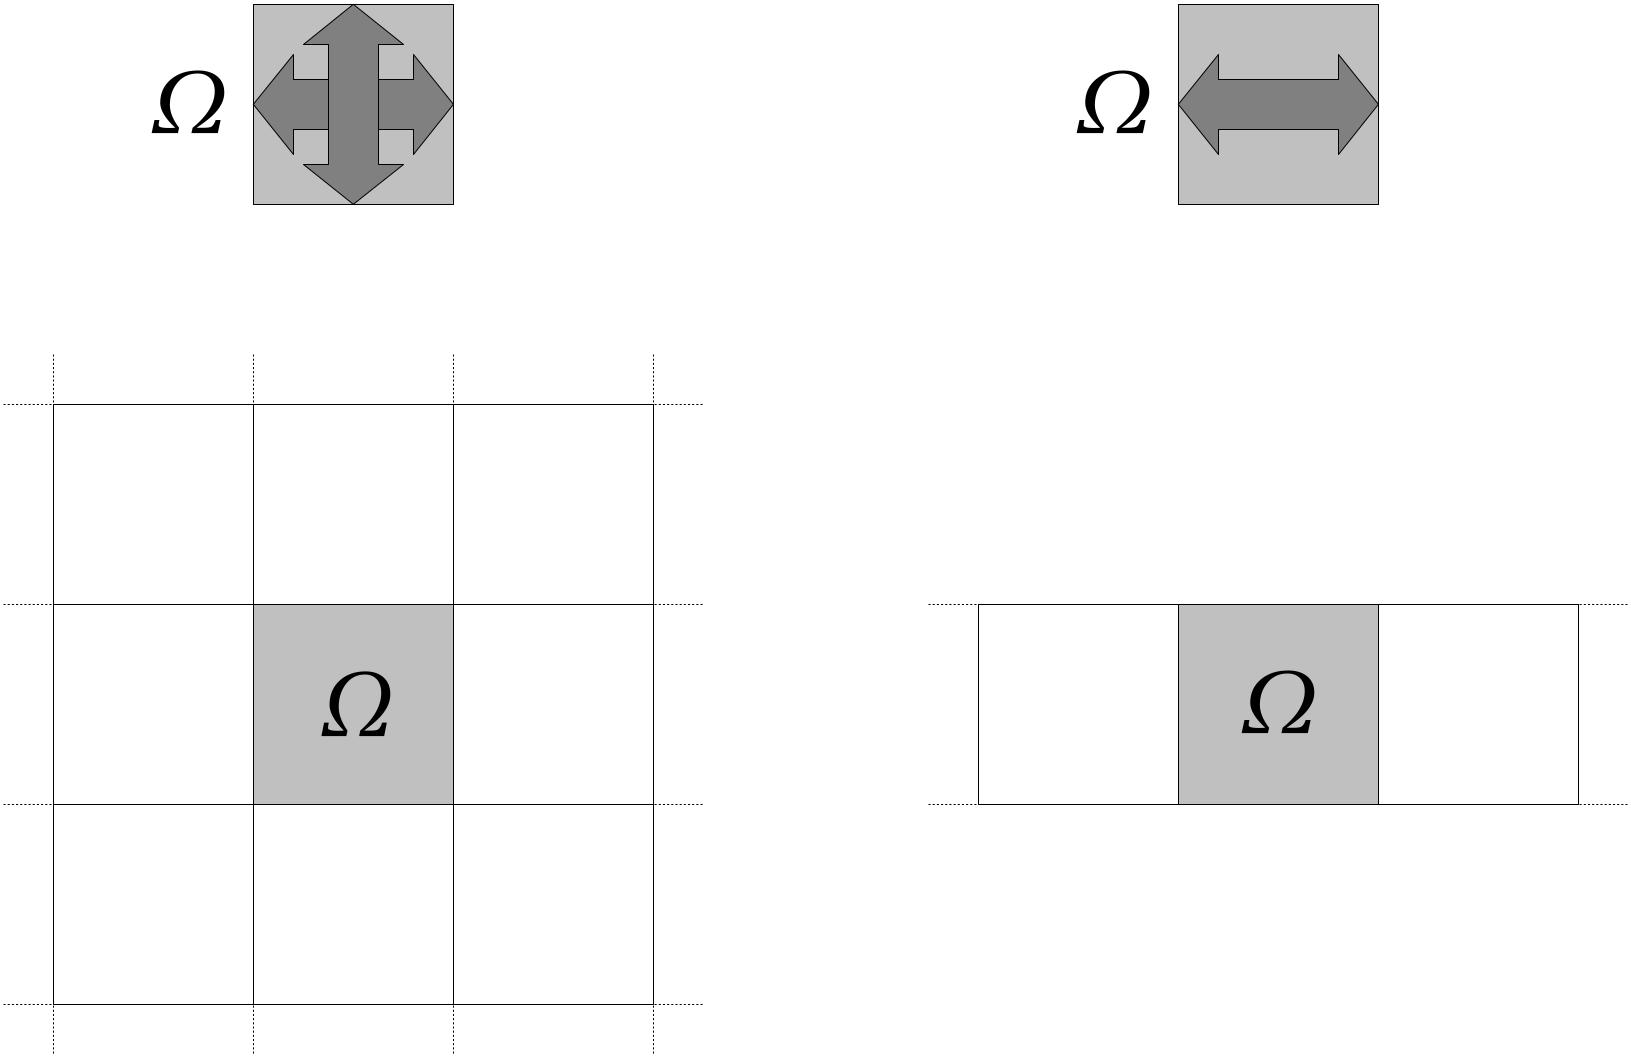 images/periodic_boundaries.png